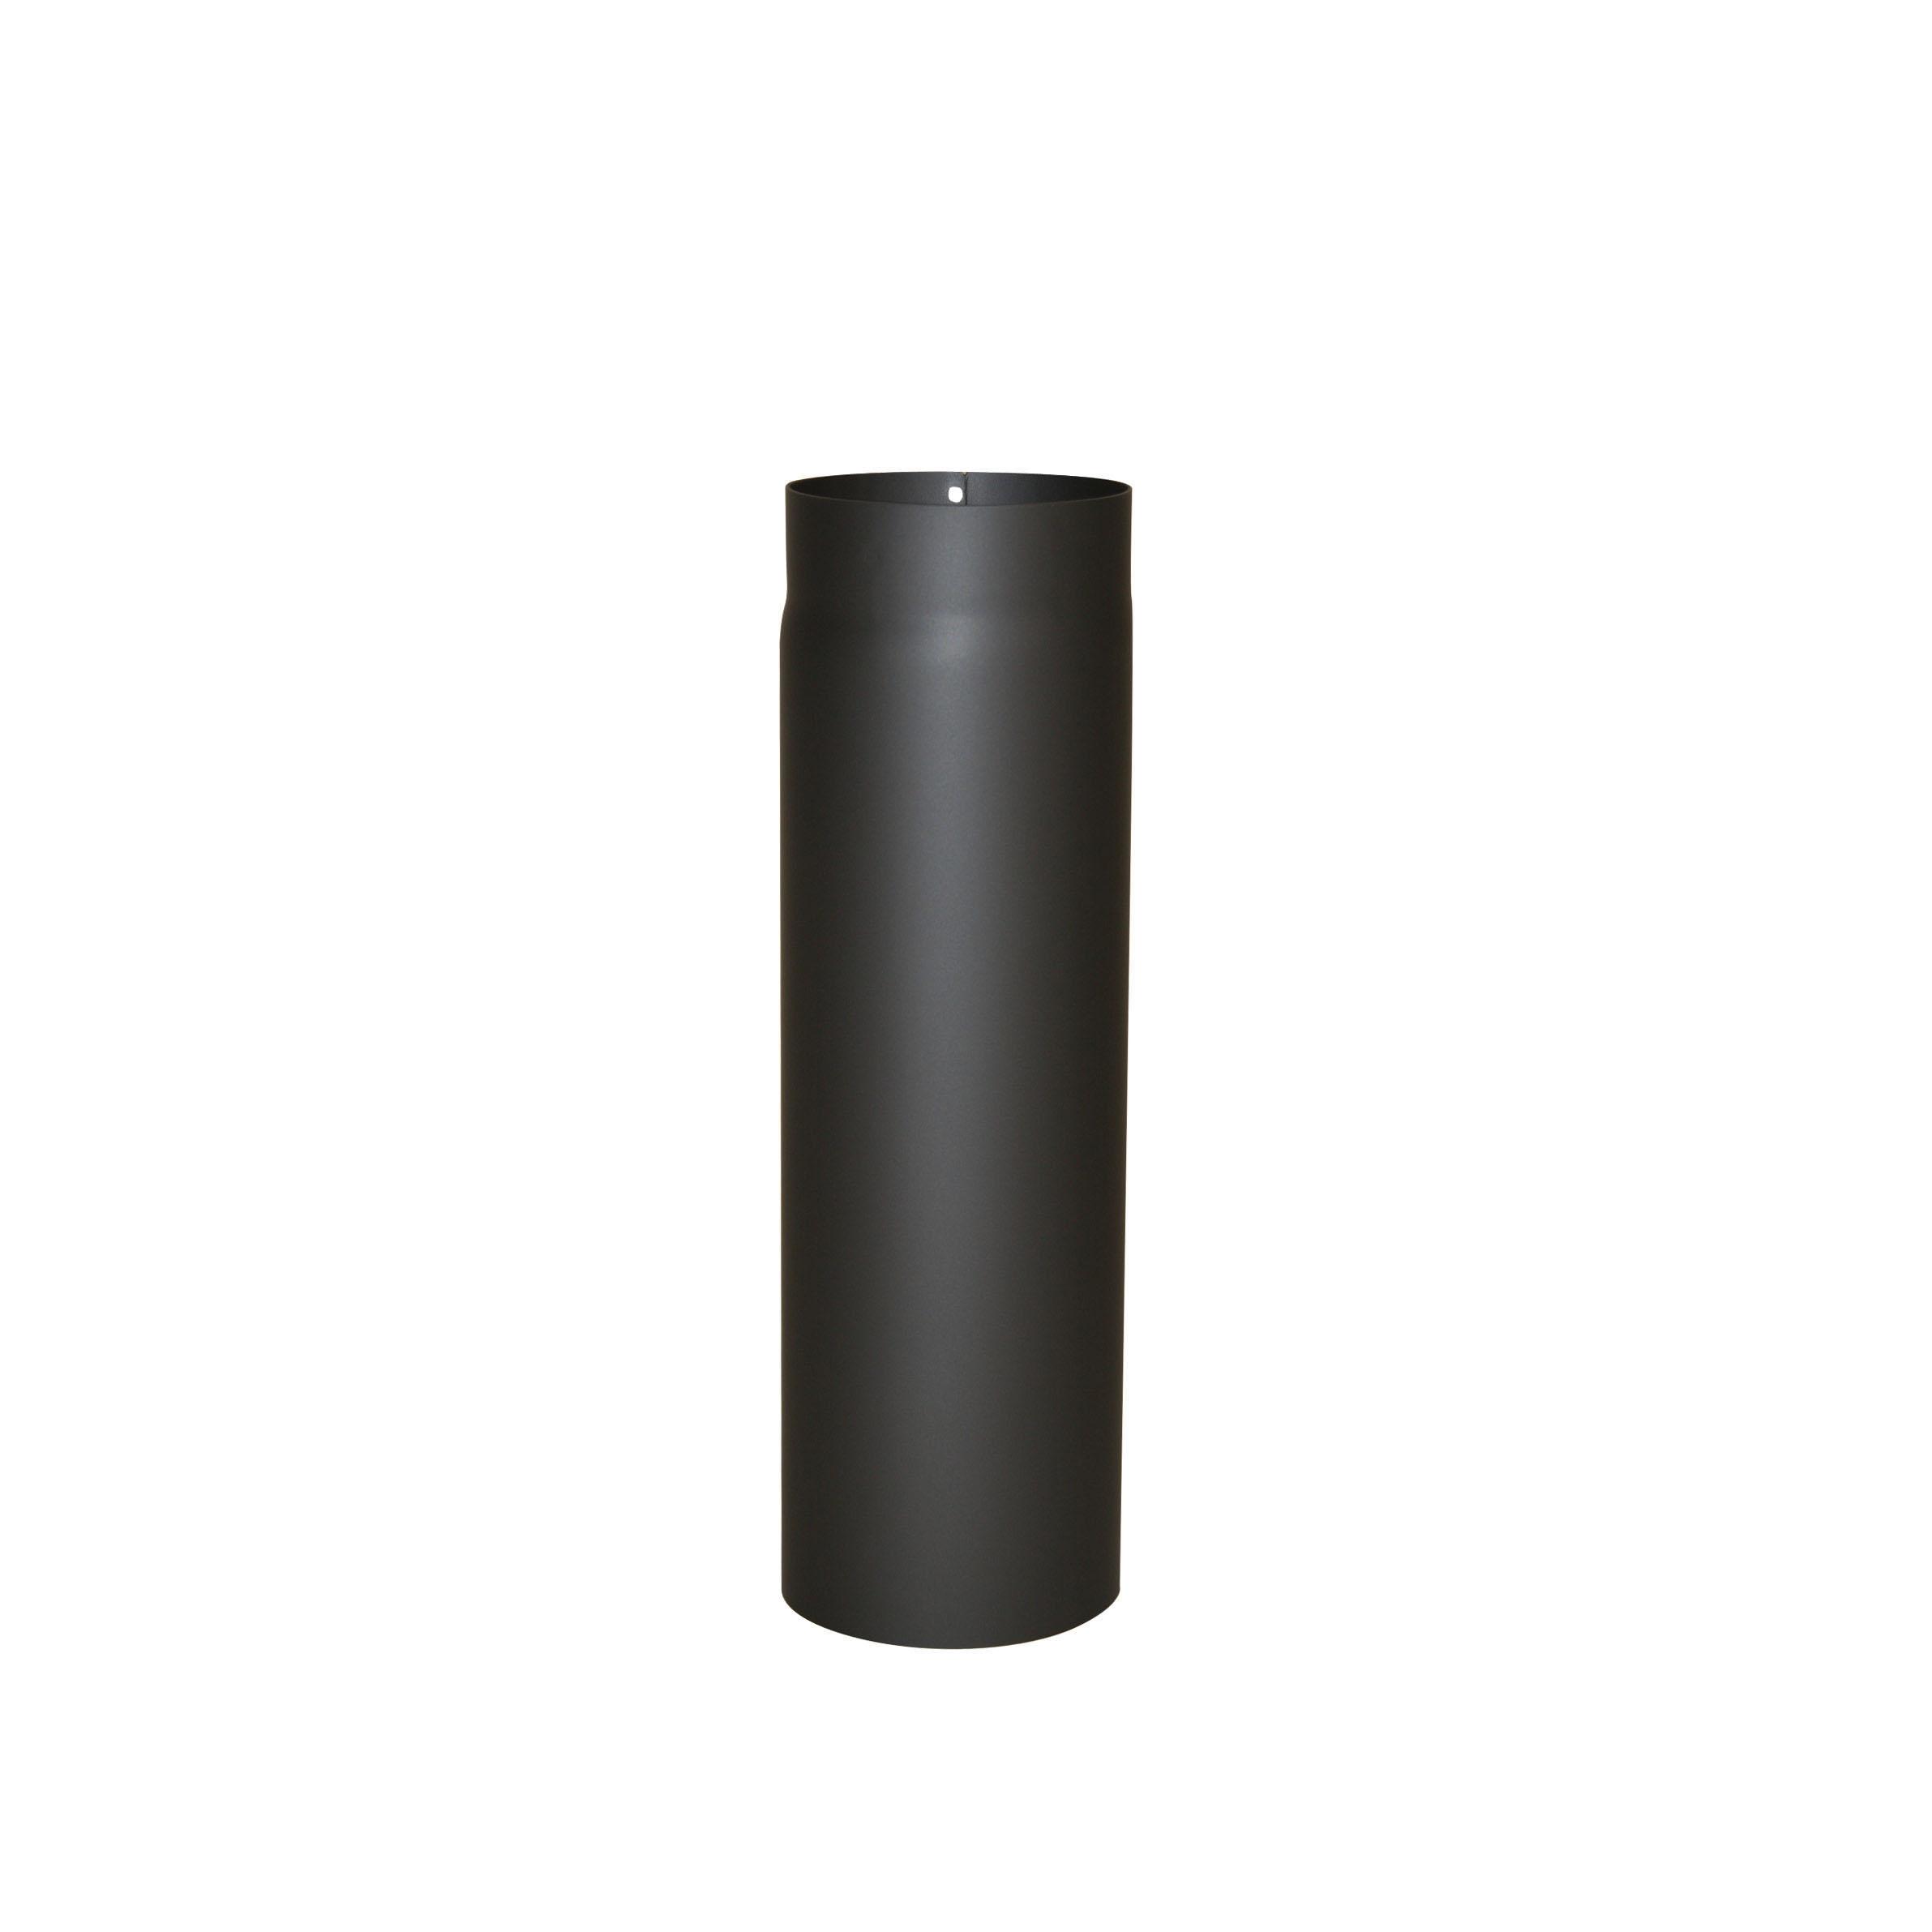 Ofenrohr-150mm-Rauchrohr-2mm-Kaminrohr-Bogen-Rosette-Knie-Wandfutter-Rohrhalter